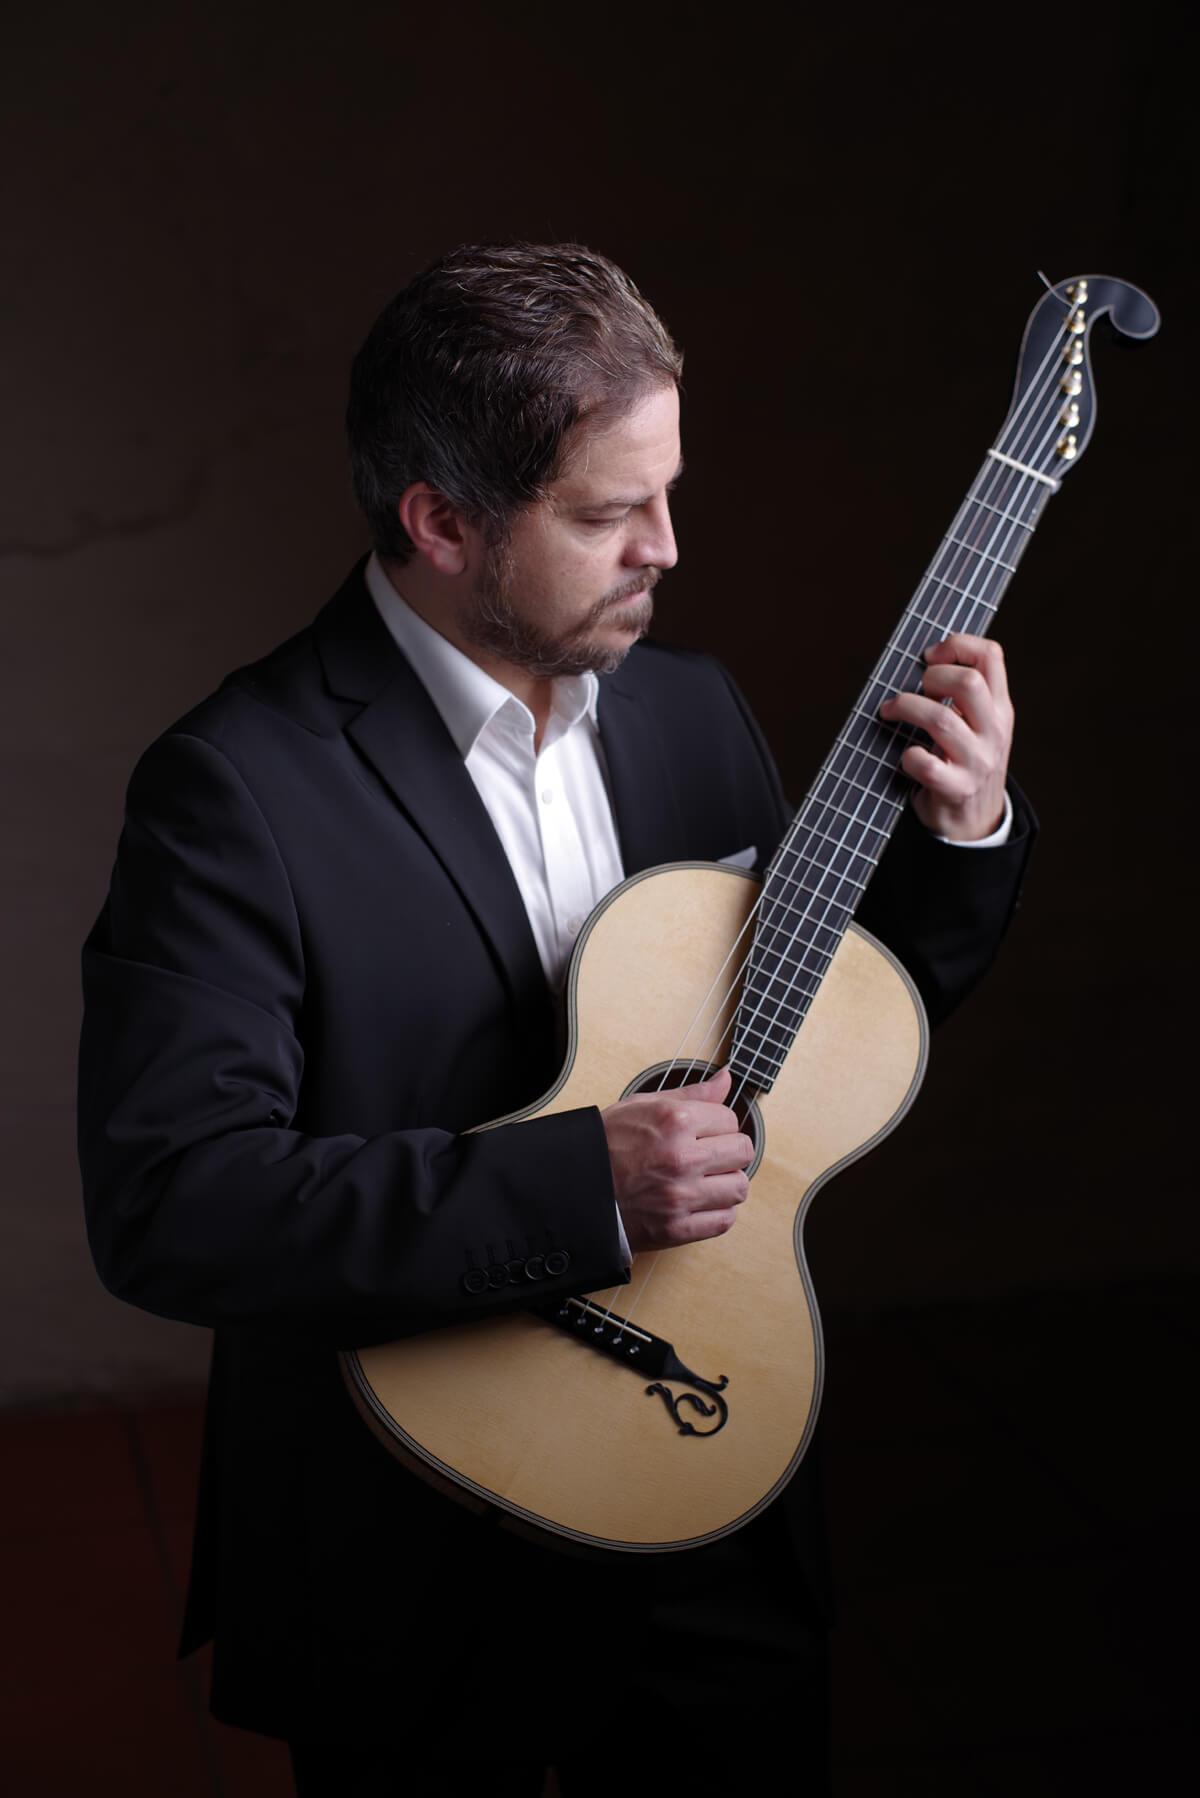 Kunstwerk - Sammlung Klein - Gitarrenkonzert Tomasson Iewa - Haengung #17